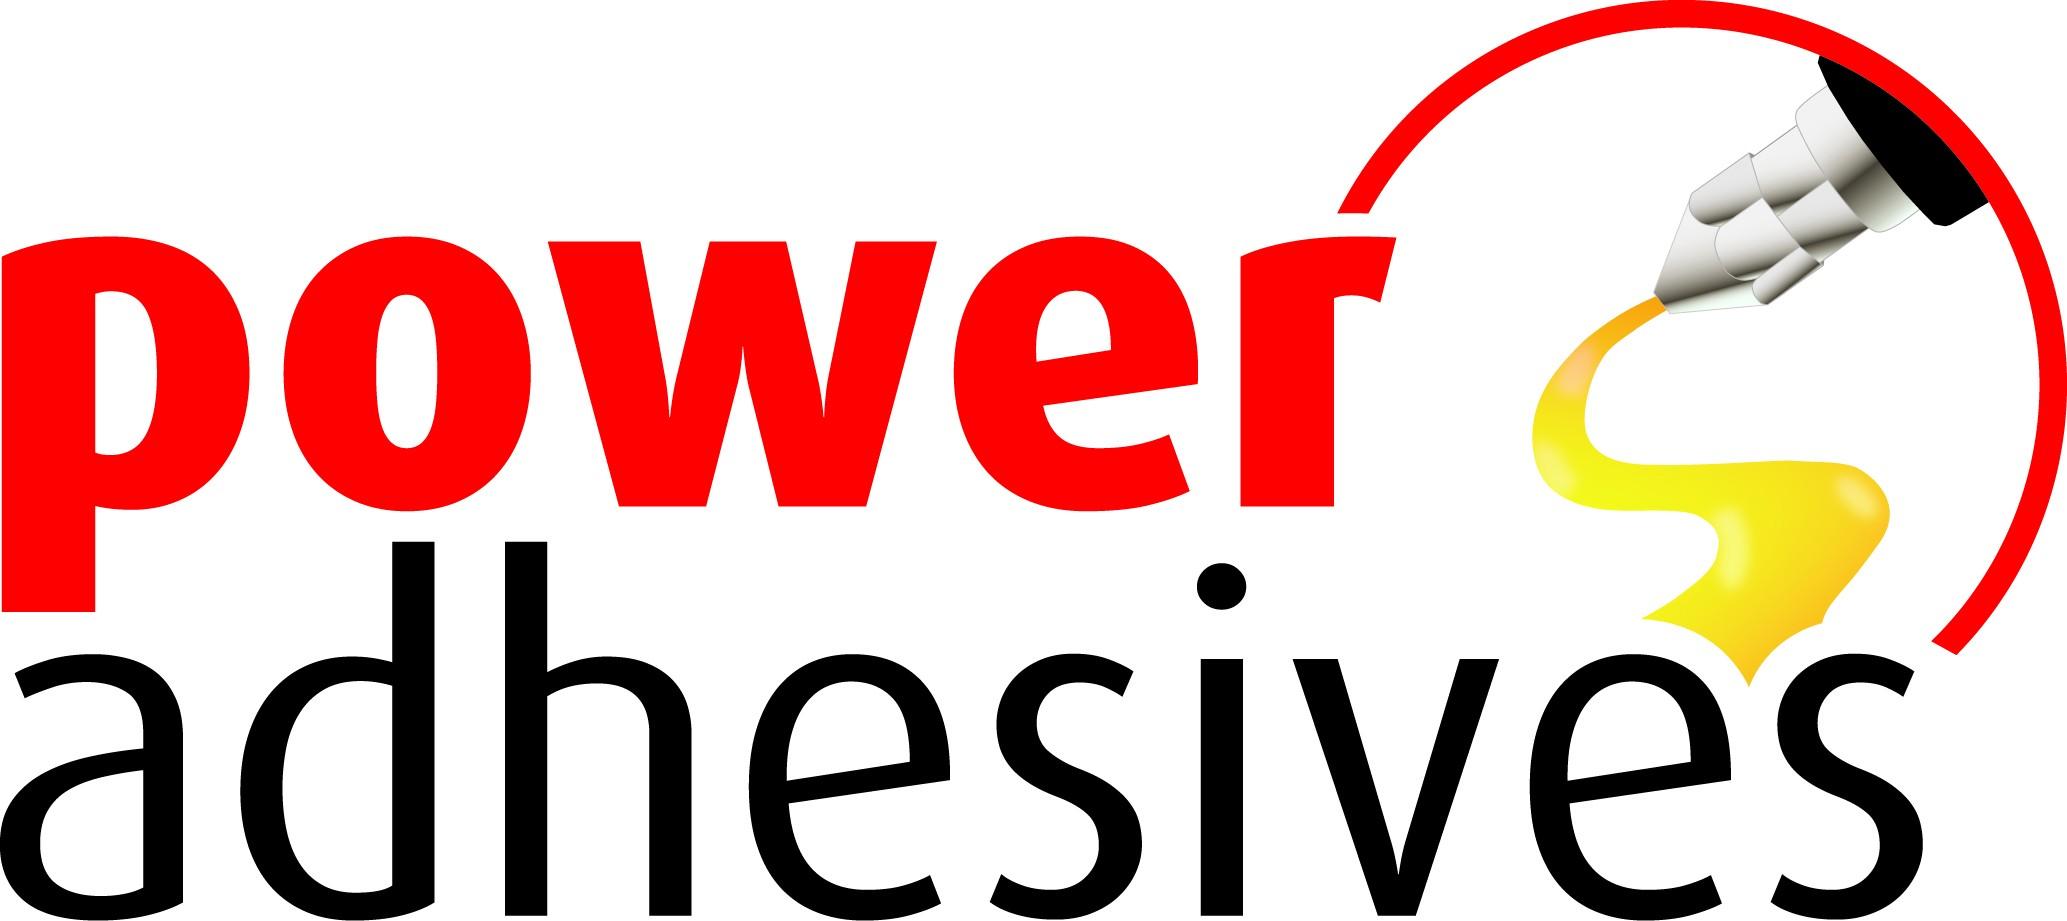 POWER ADHESIVES